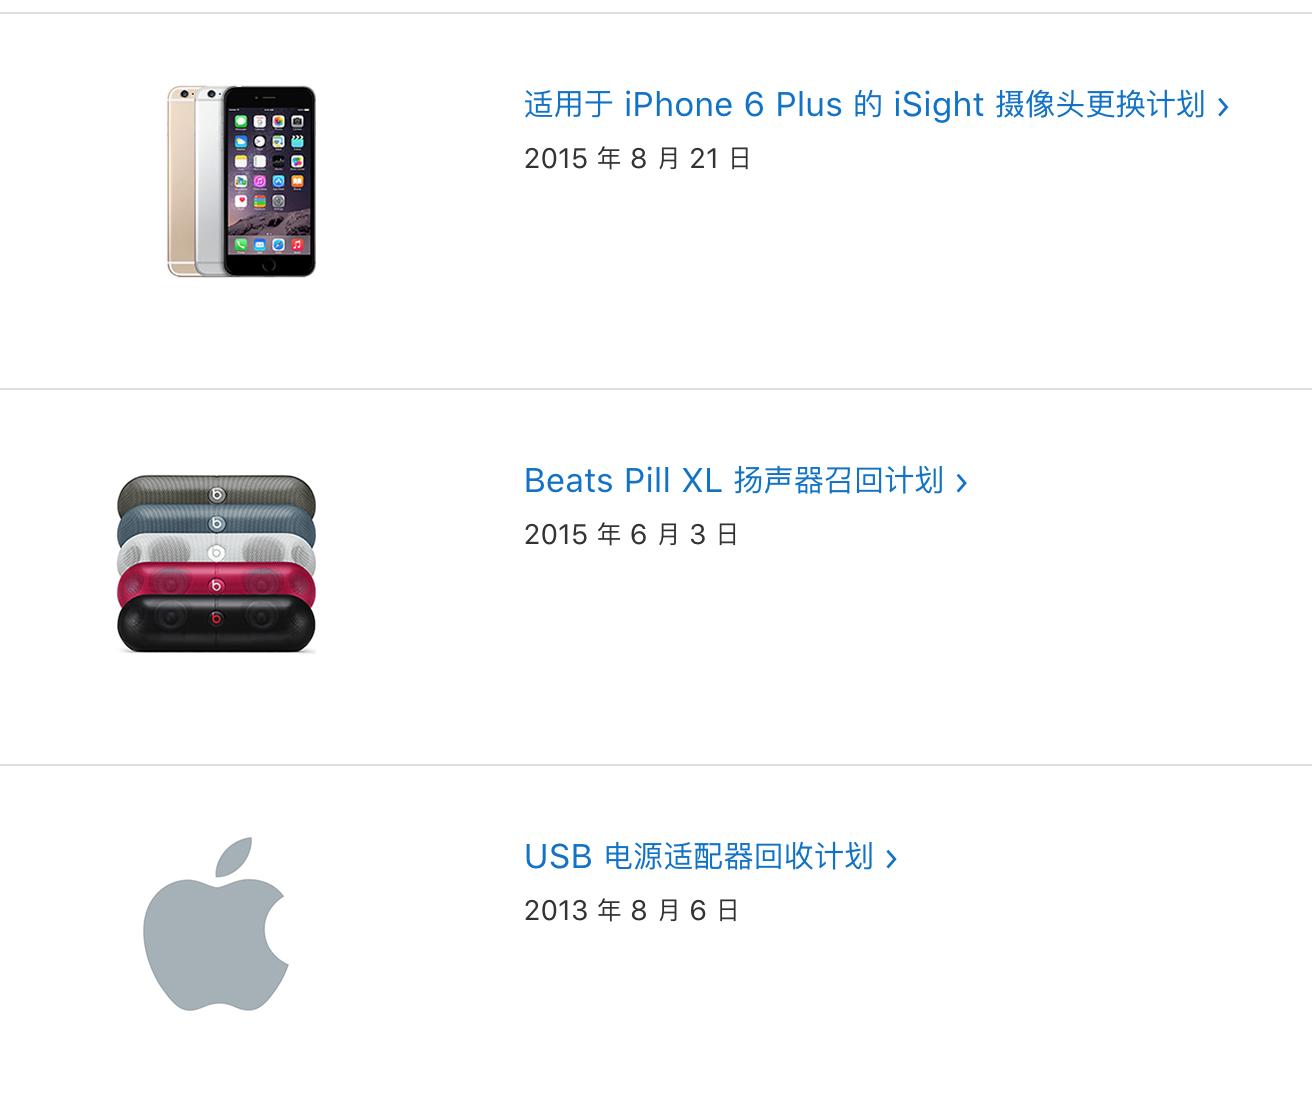 苹果承认部分iPhone6s因硬件故障无法开机,提供免费维修服务